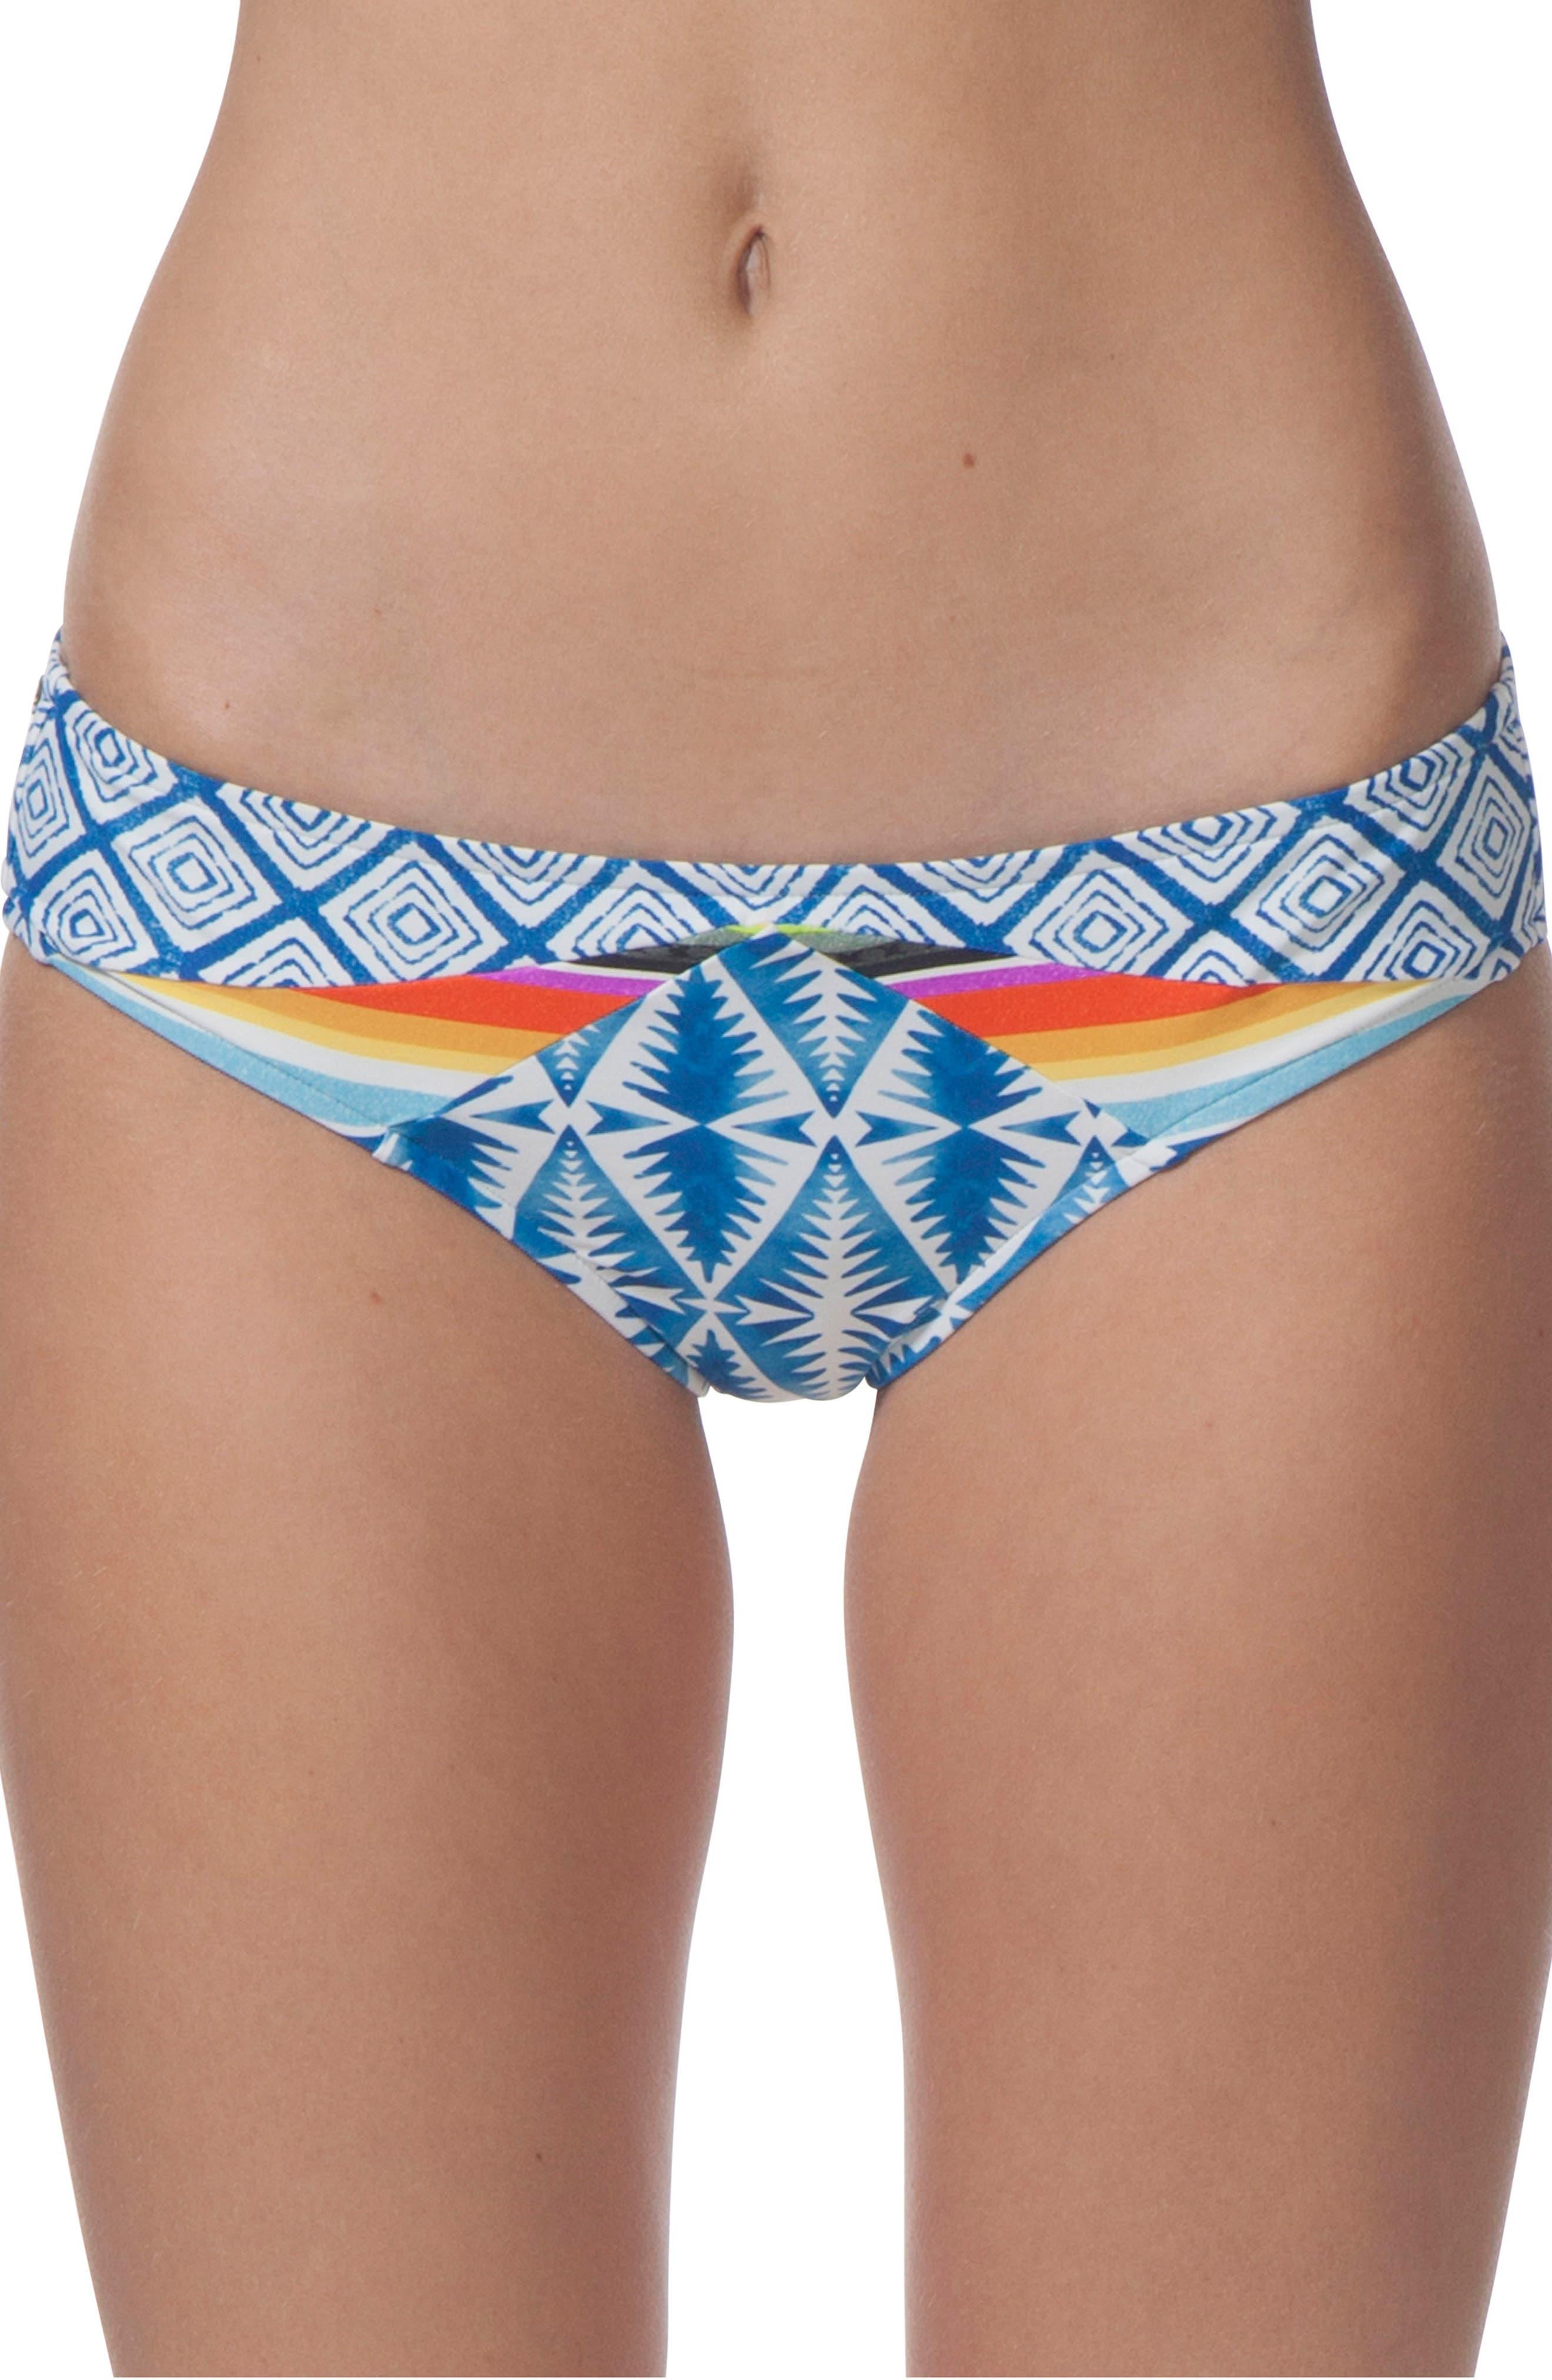 Beach Bazaar Hipster Bikini Bottoms,                         Main,                         color, 400